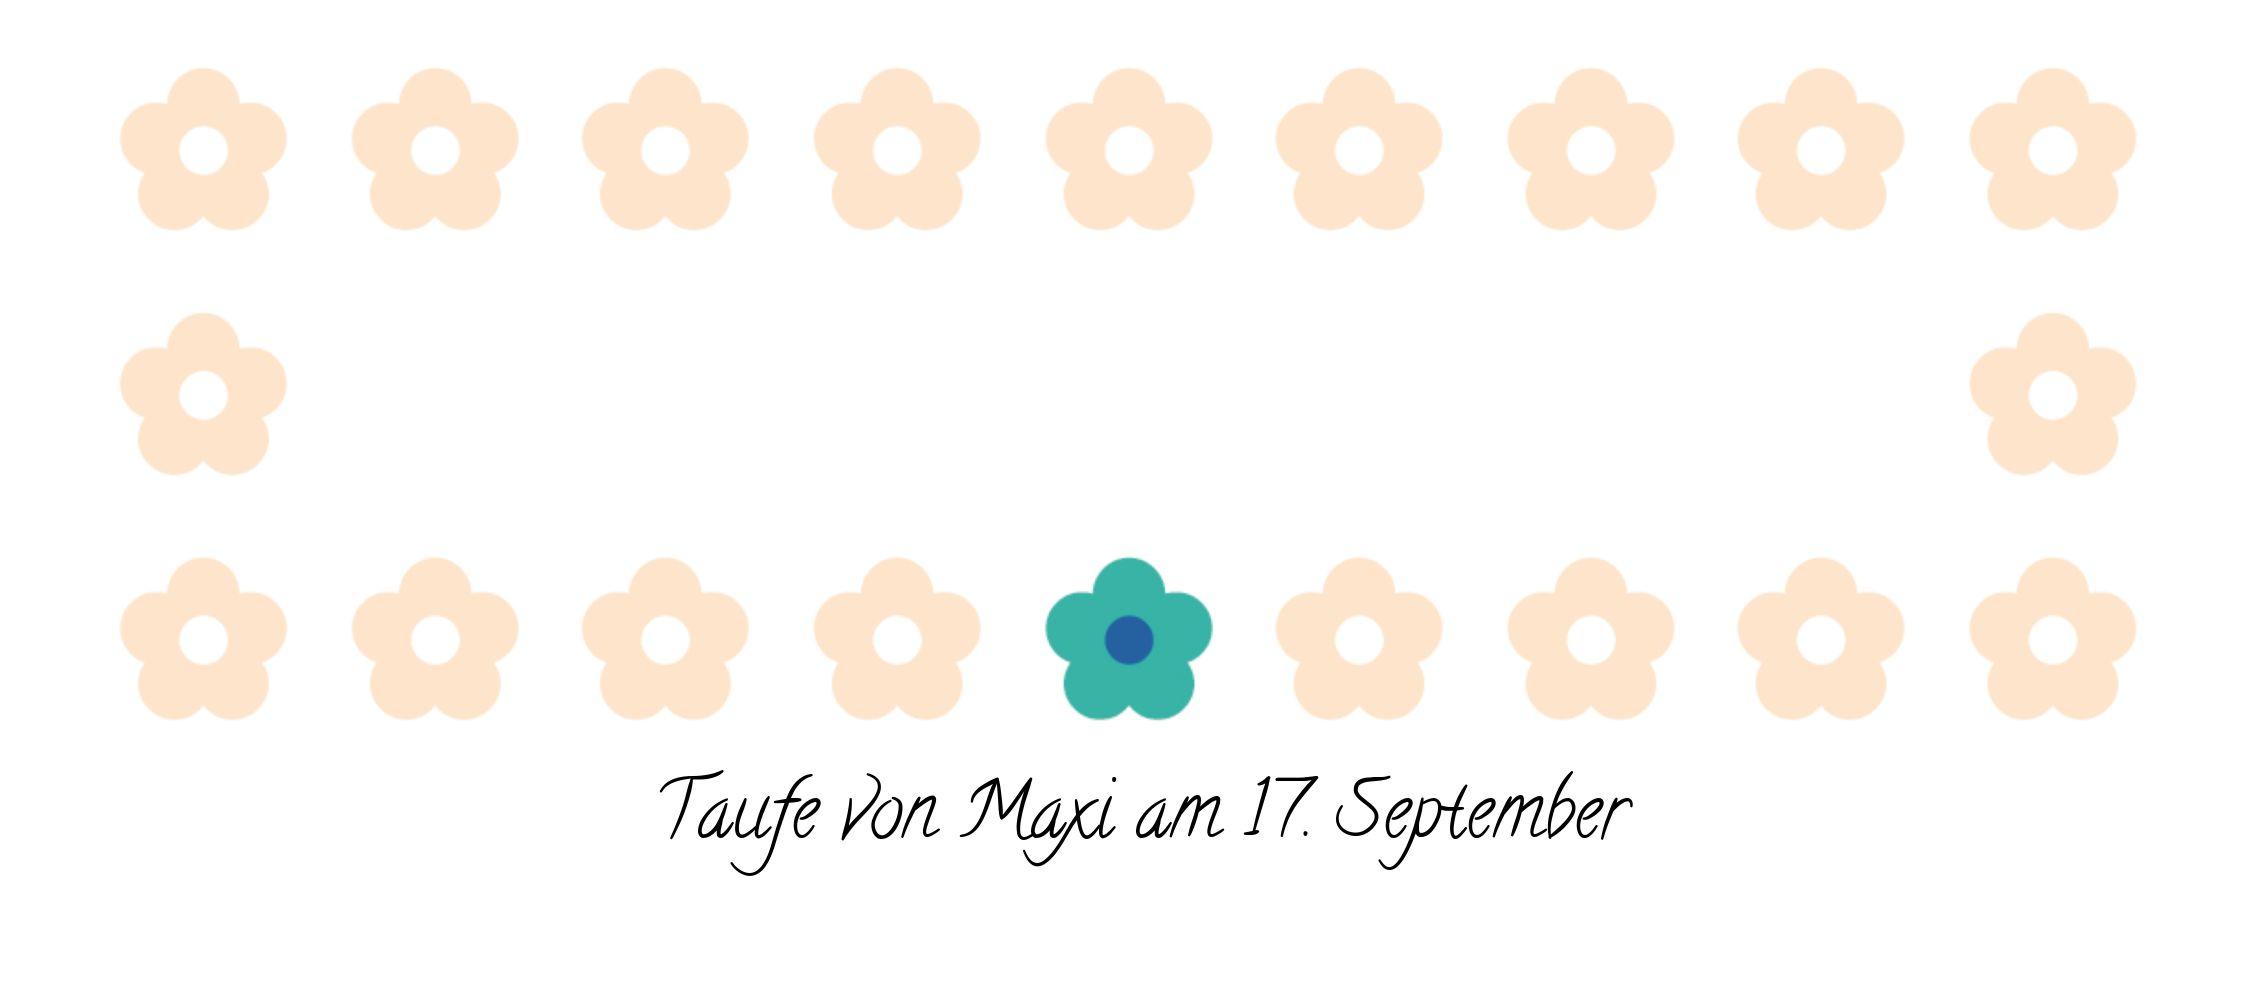 Ansicht 3 - Taufe Tischkarte Blumentapete